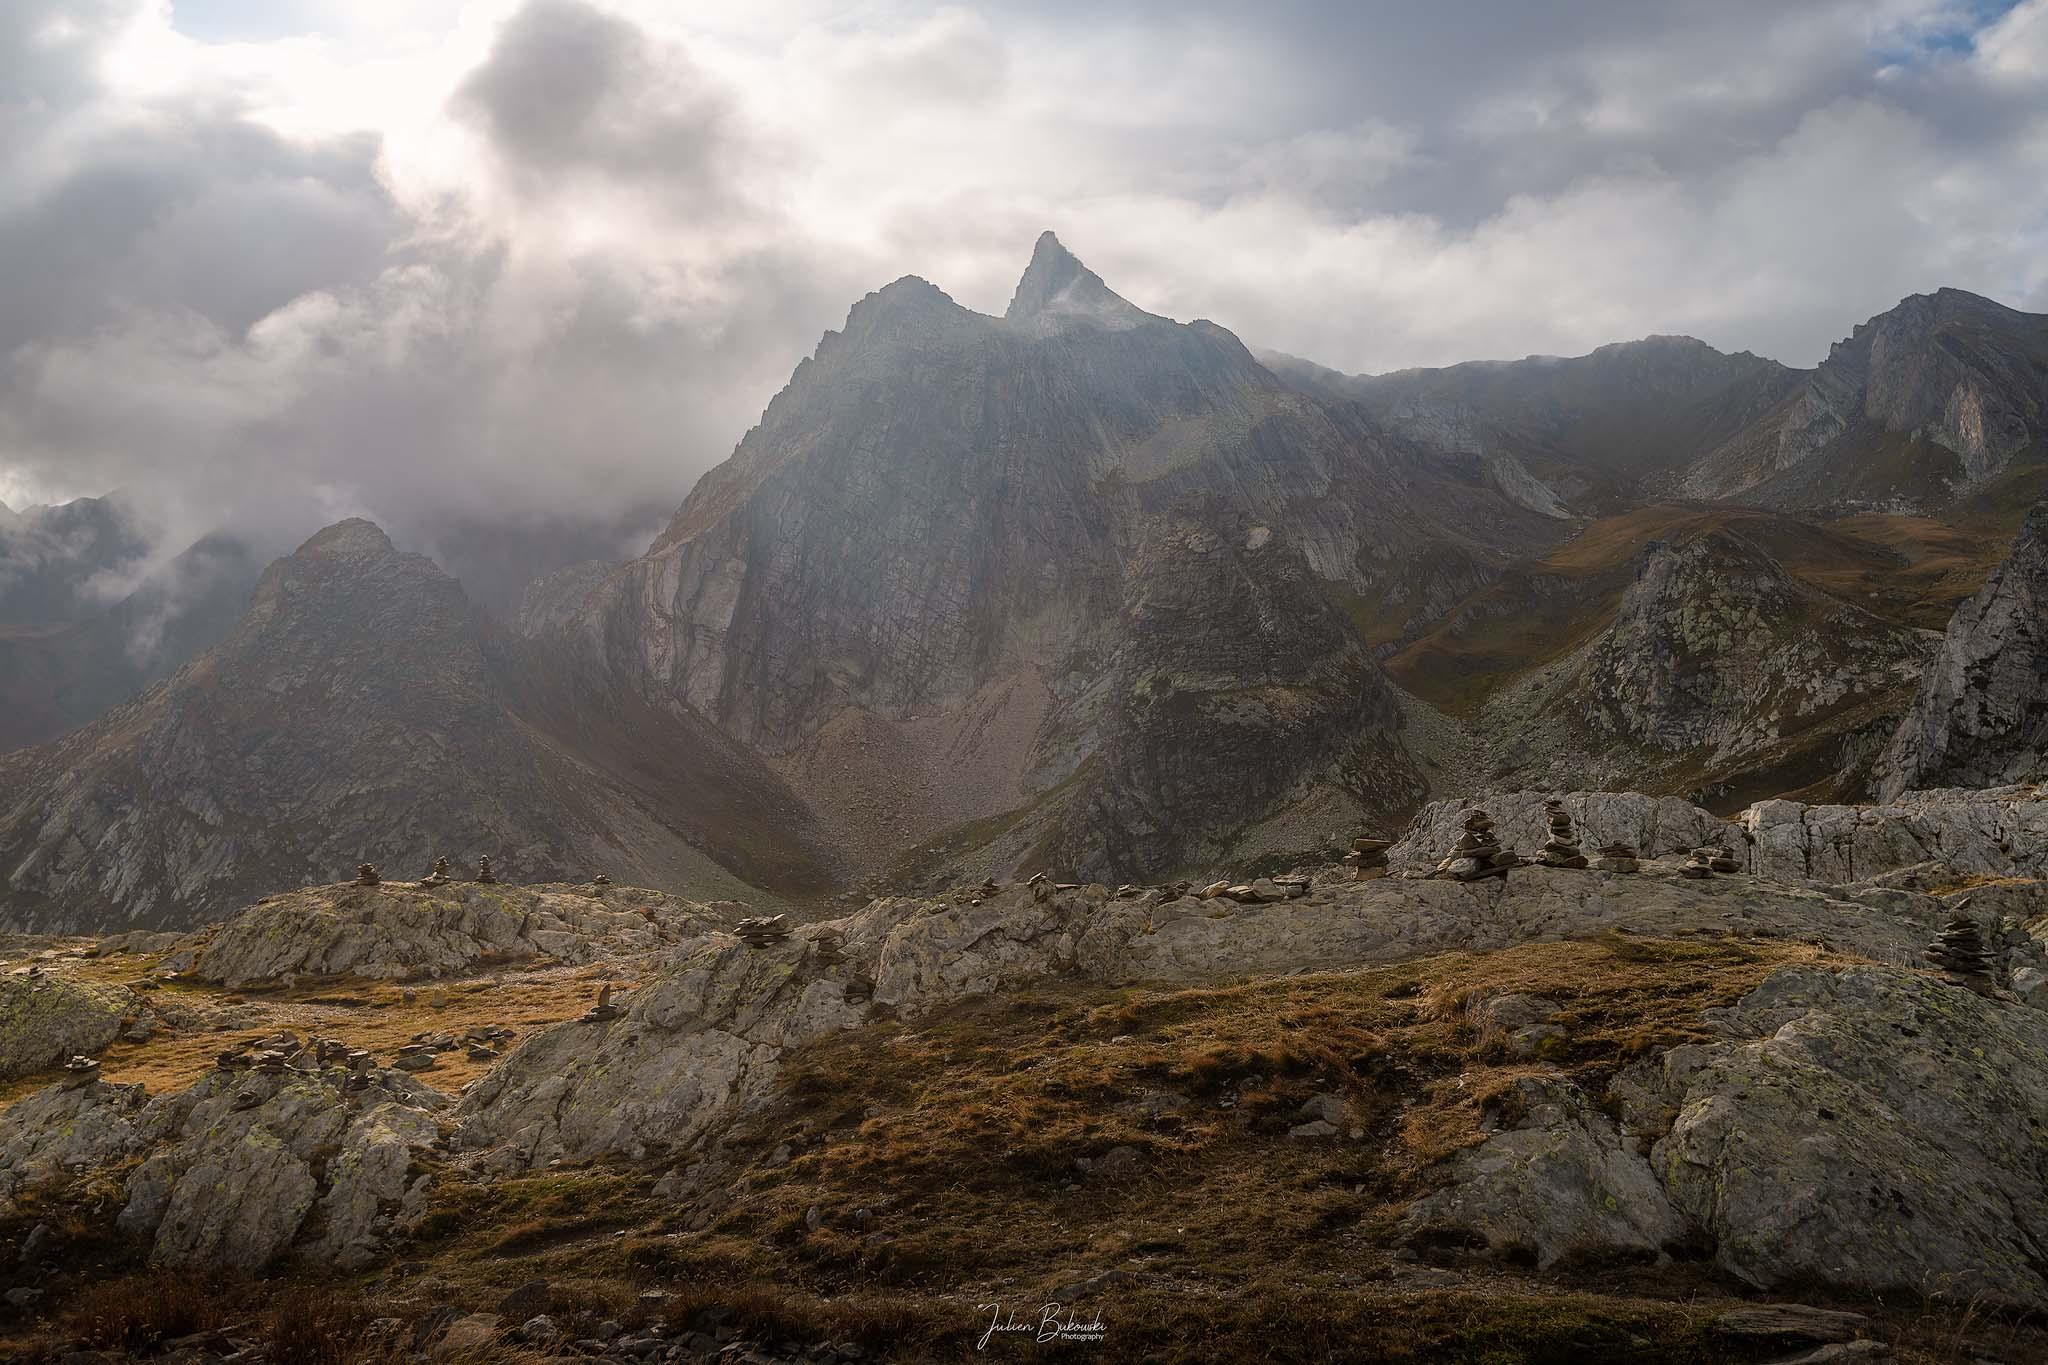 Aligned-Col Grand Saint Bernard-Suisse-Italie-cairn-nuageux-montagnes-col suisse-col italien-brume-nuages